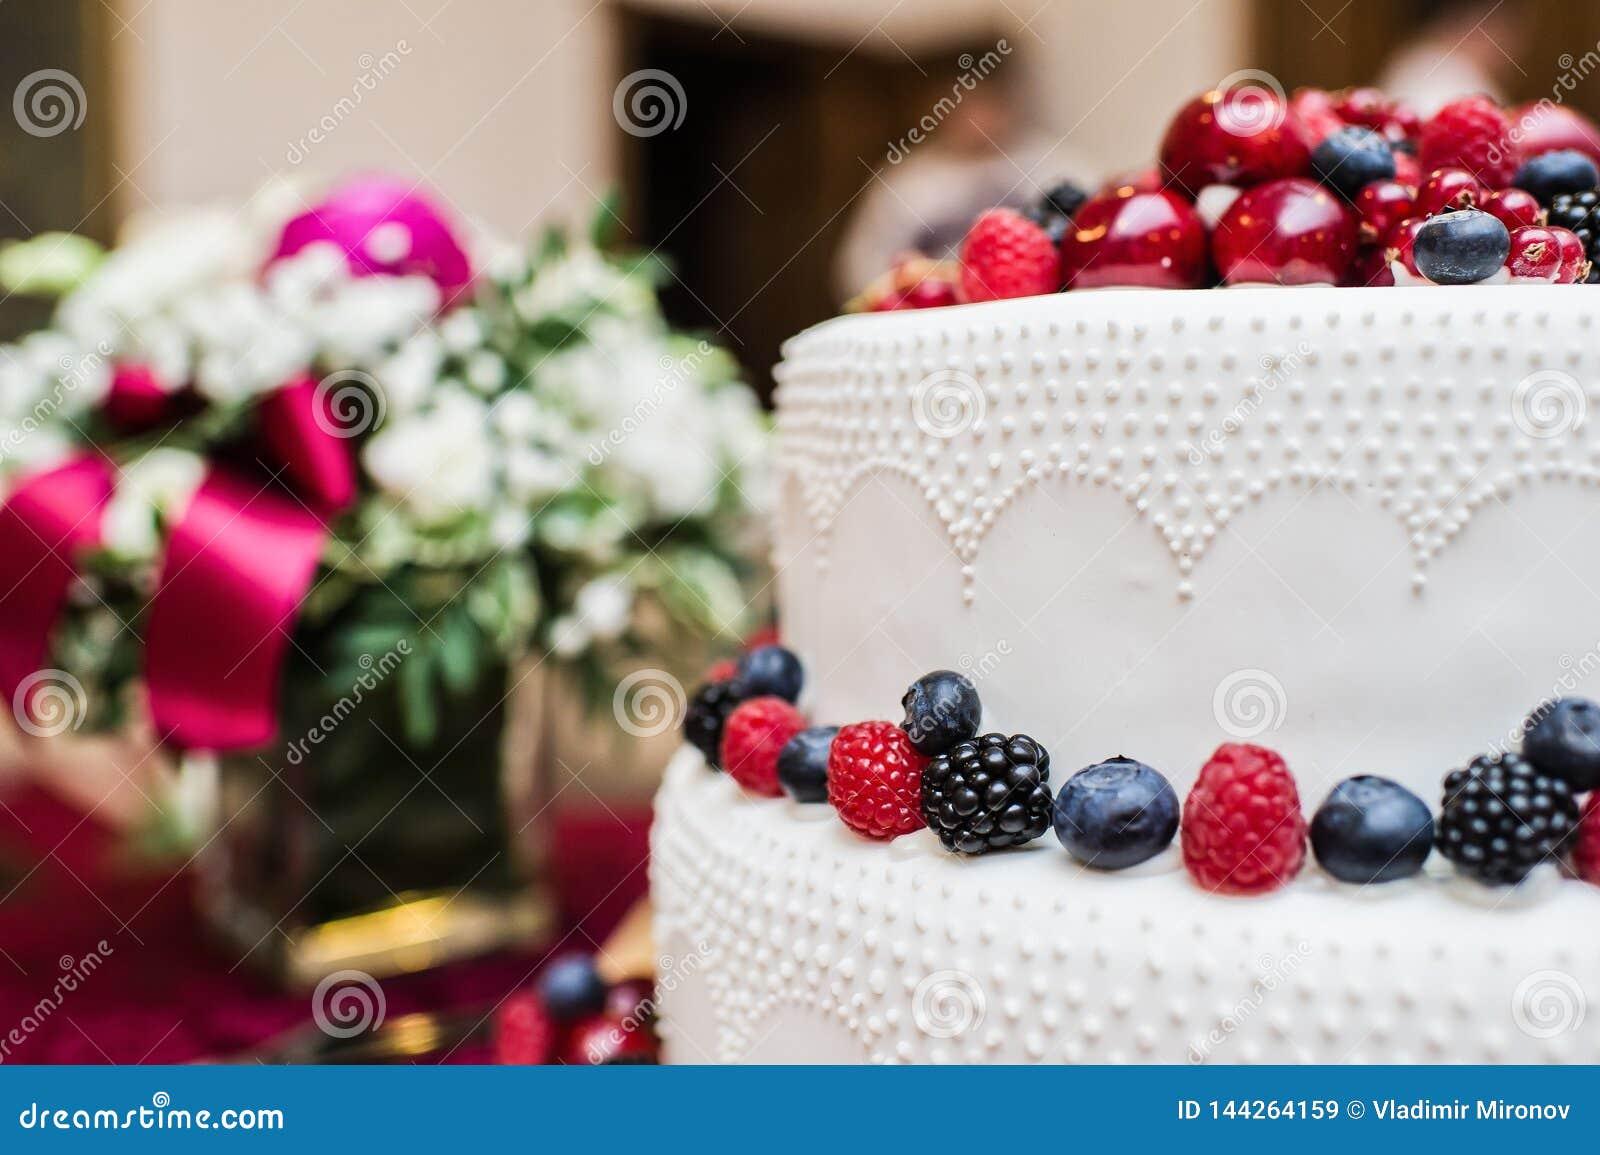 Klasyczny ?lubny tort z malinkami, truskawkami, czernicami i czarnymi jagodami,